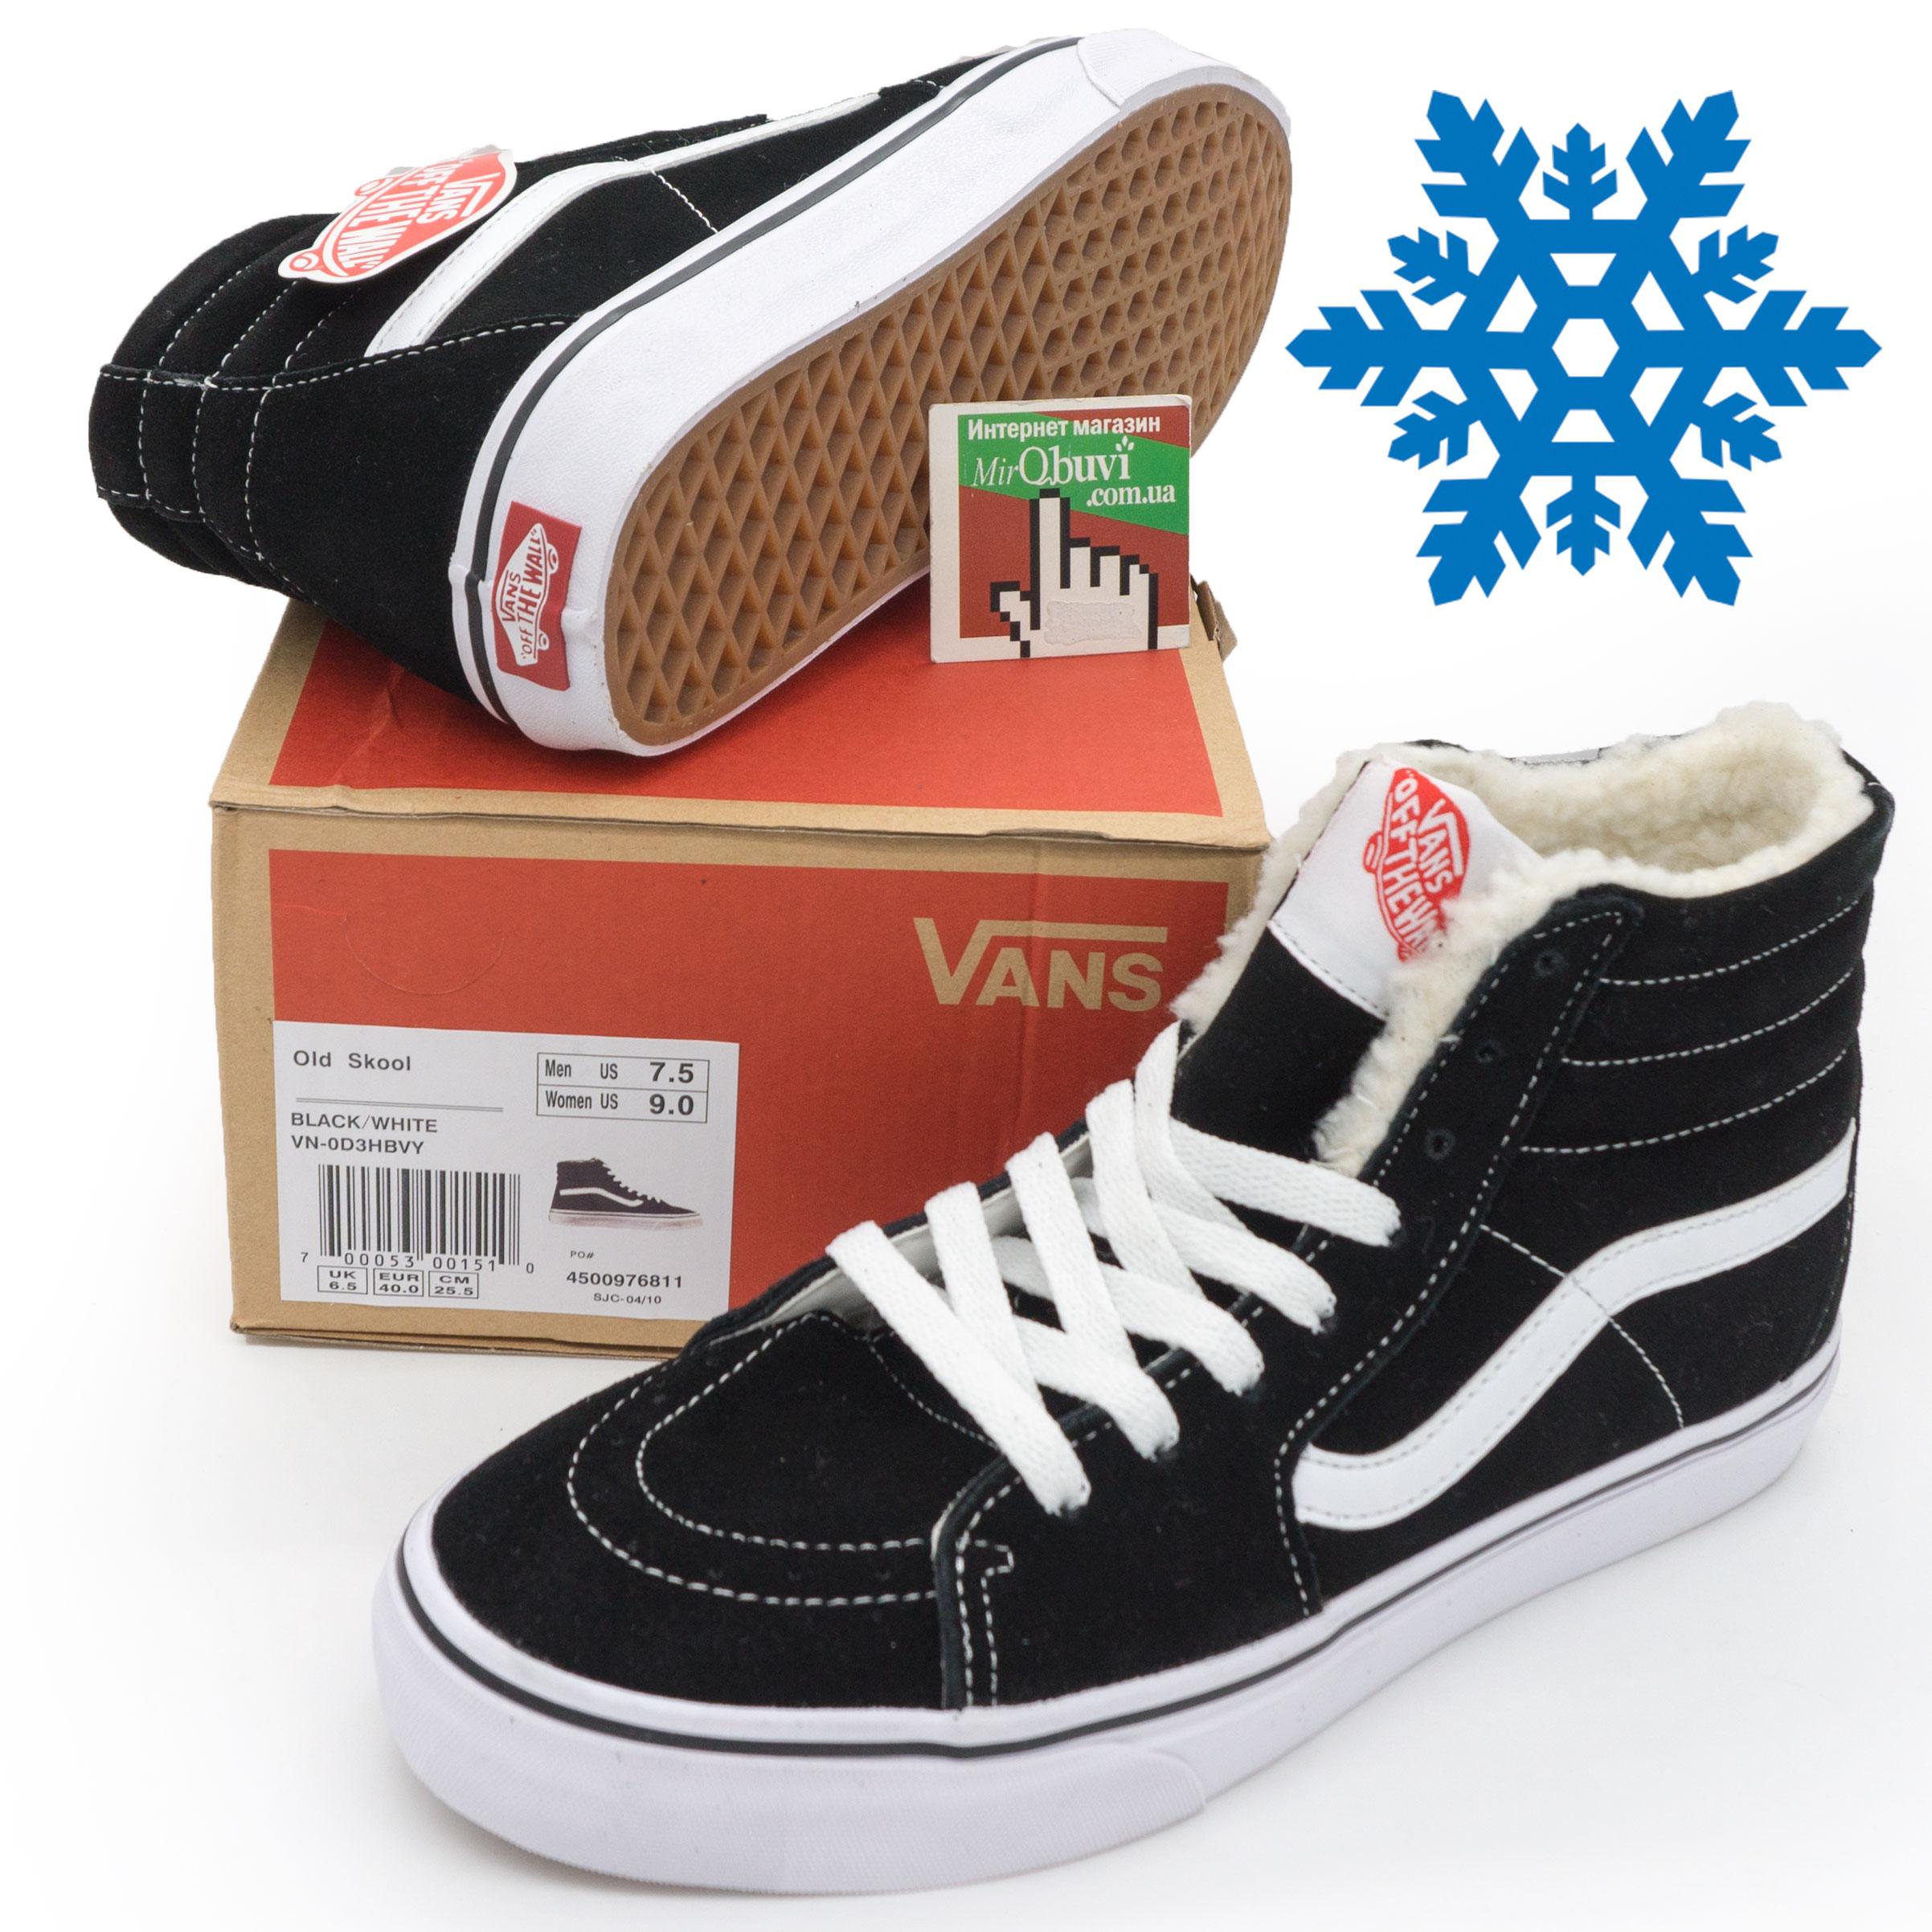 66b2a4dfde84 Купить кеды Vans, кроссовки Vans, цена. - интернет магазин обуви ...